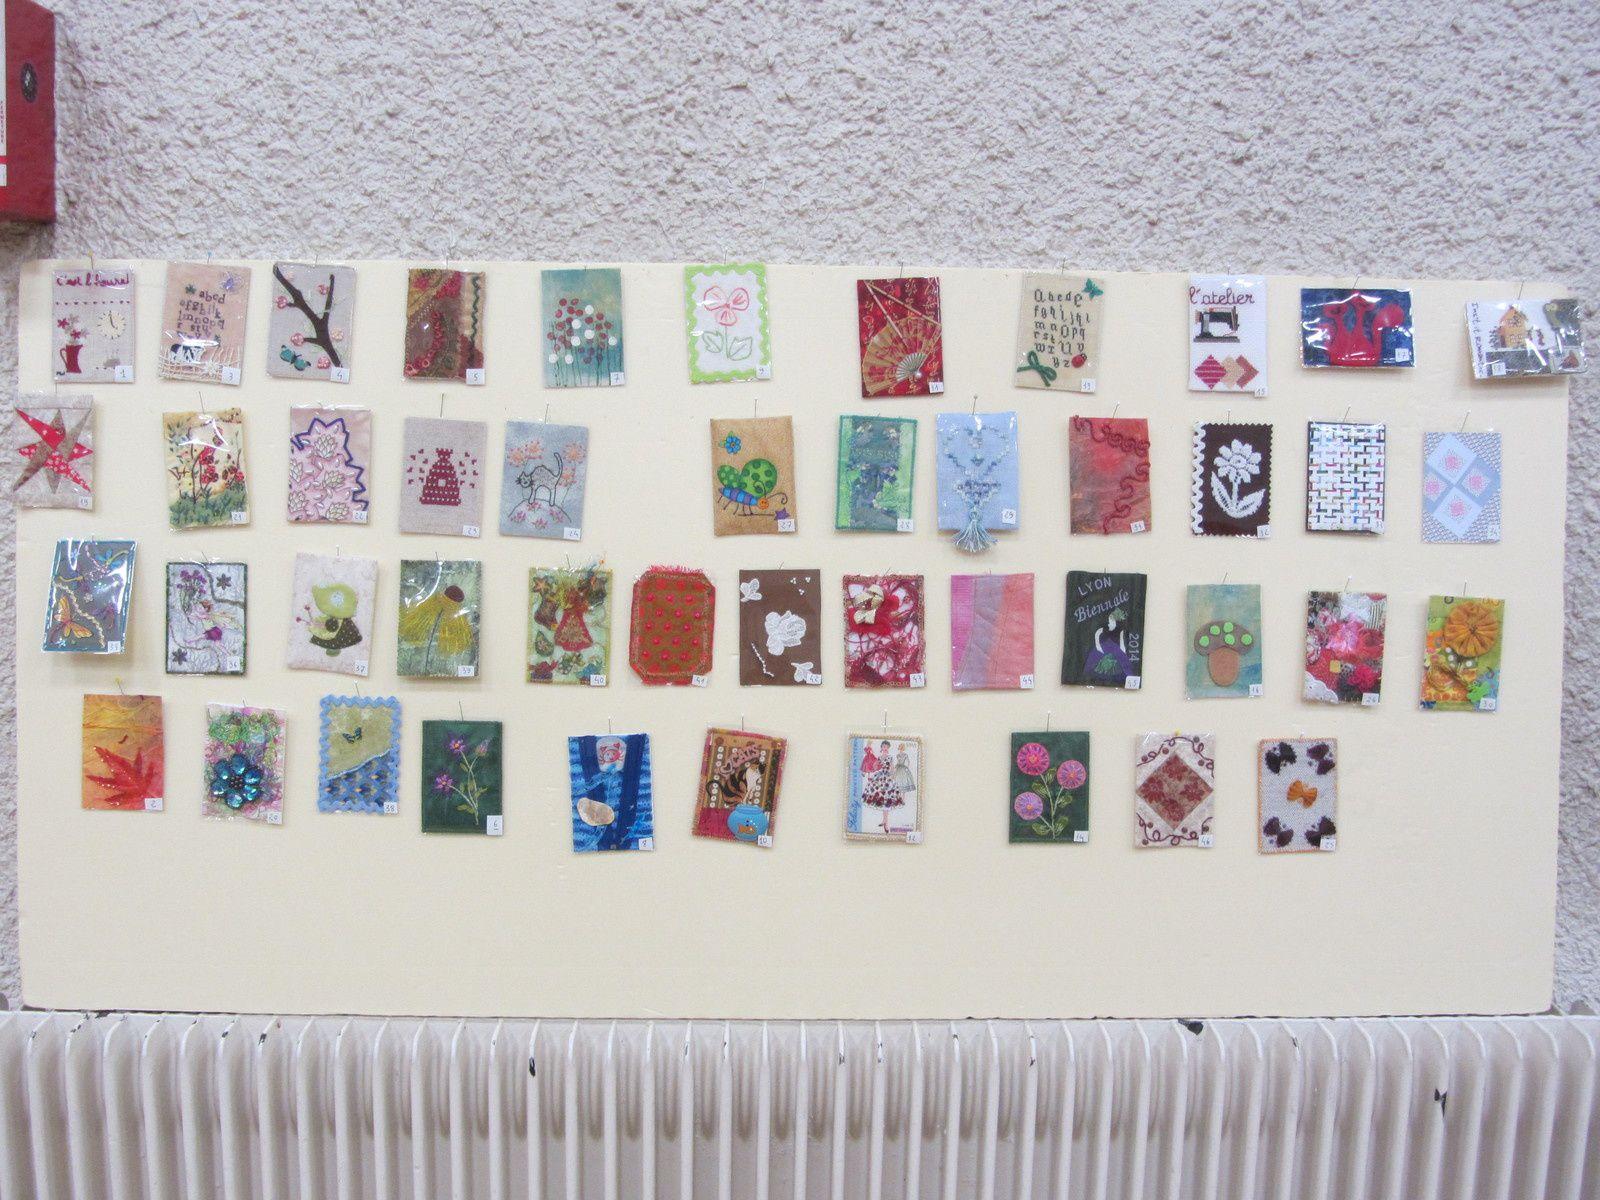 Pour de la journée de l'amitié, nous devions réaliser un carte textile, aux dimensions bien établies.